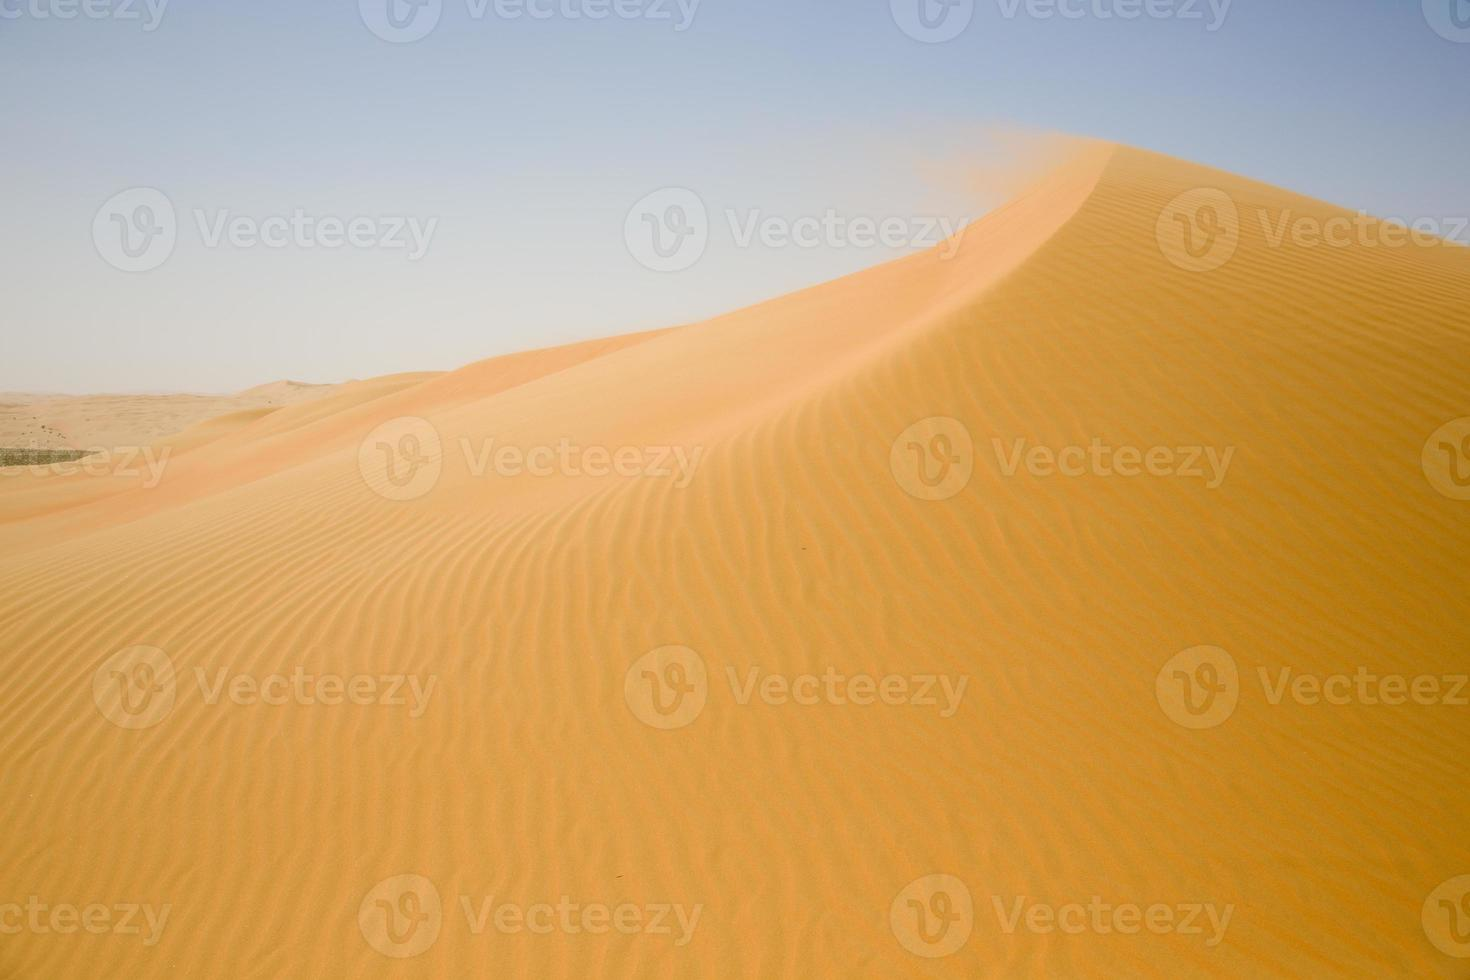 zandwoestijn en een geel duinweefsel foto